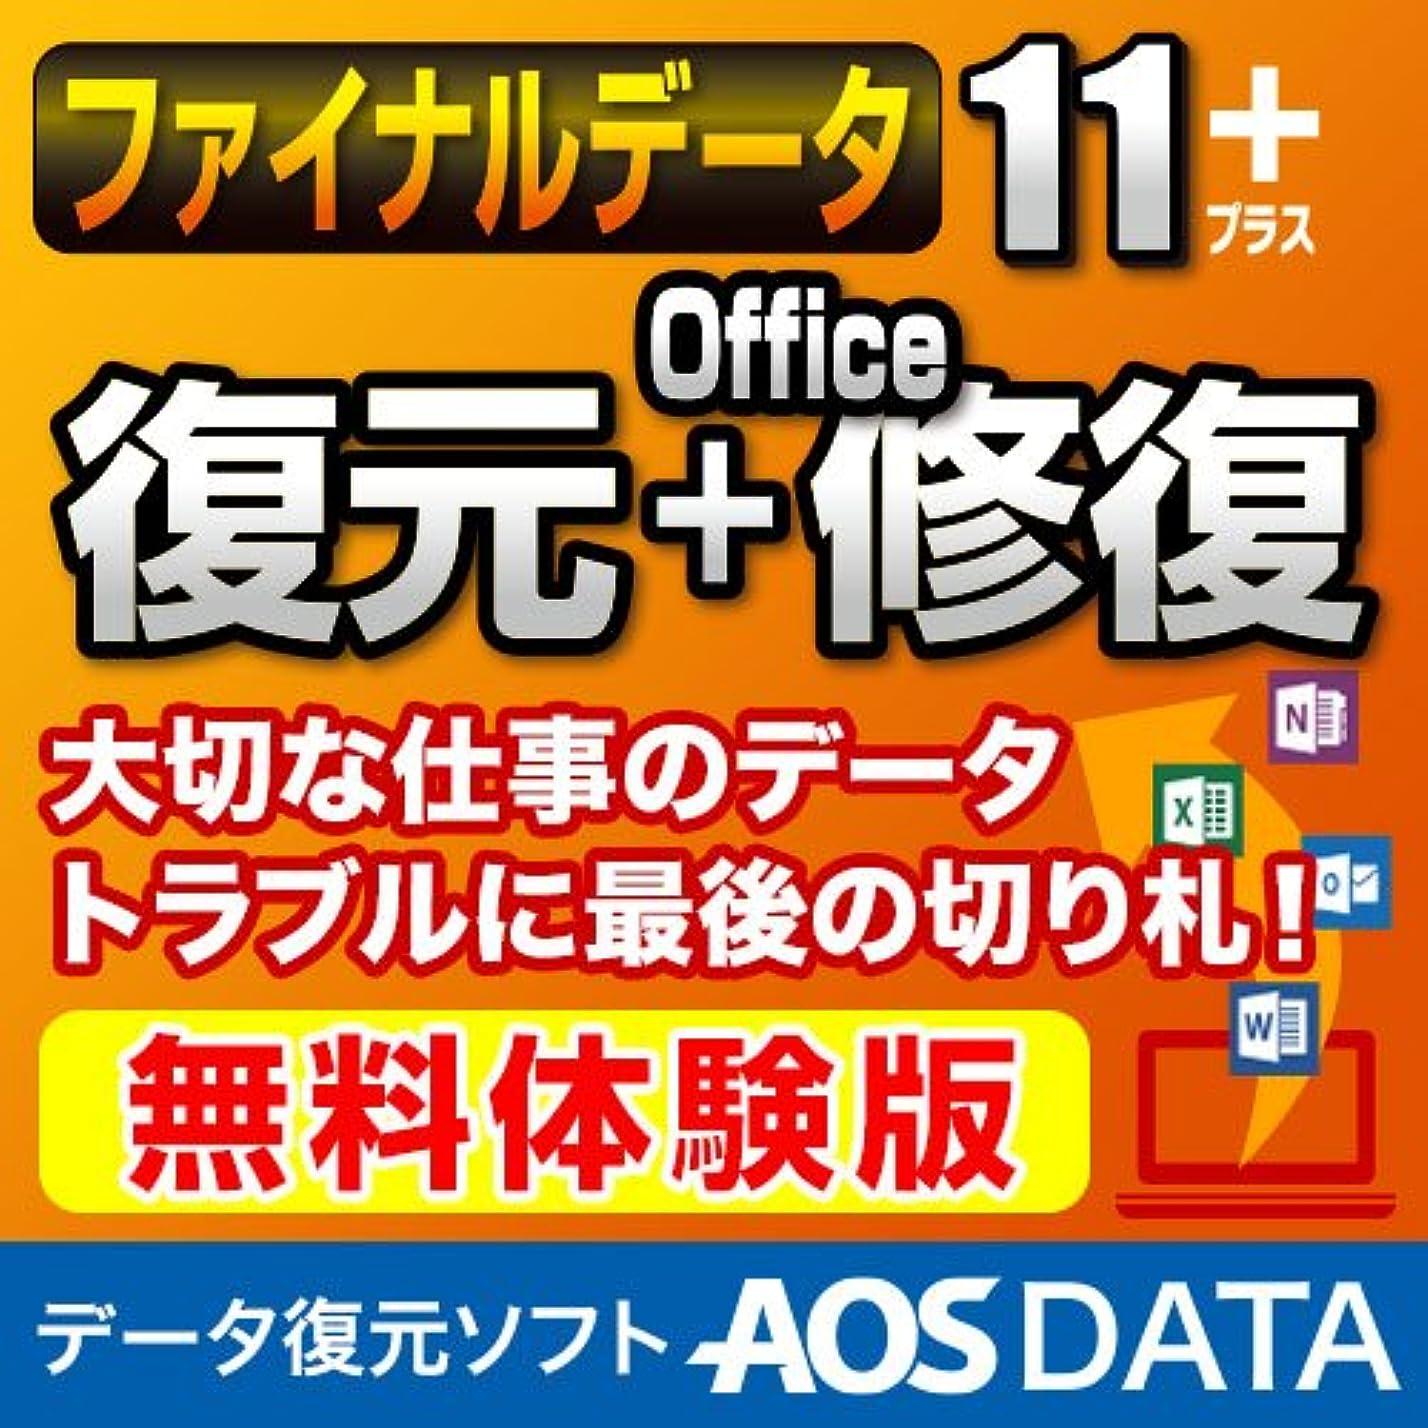 ギャップ特定のまどろみのある【体験版】ファイナルデータ11plus 復元+Office修復 ダウンロード版 ダウンロード版